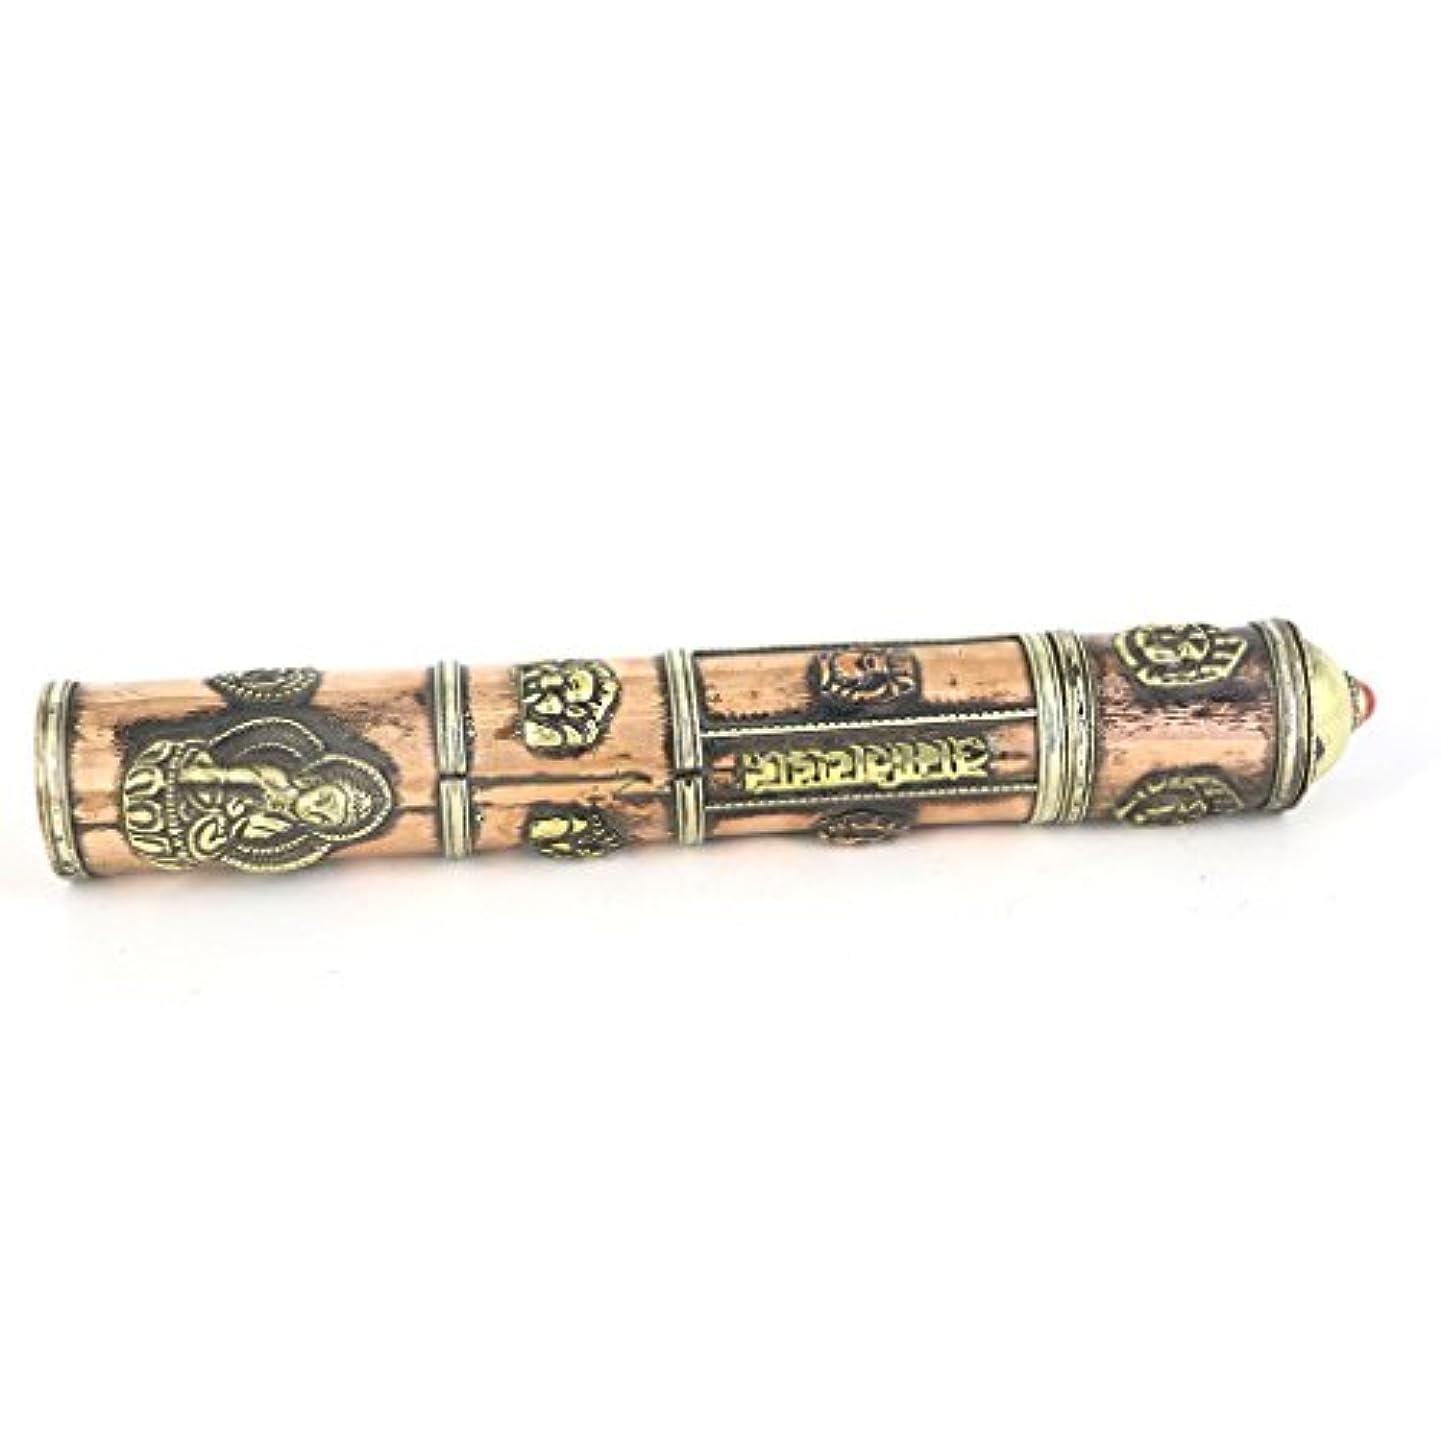 MagiDealチベット真鍮アンティーク風お香ボックスメタル吉祥Amulet Incenseケース8インチ